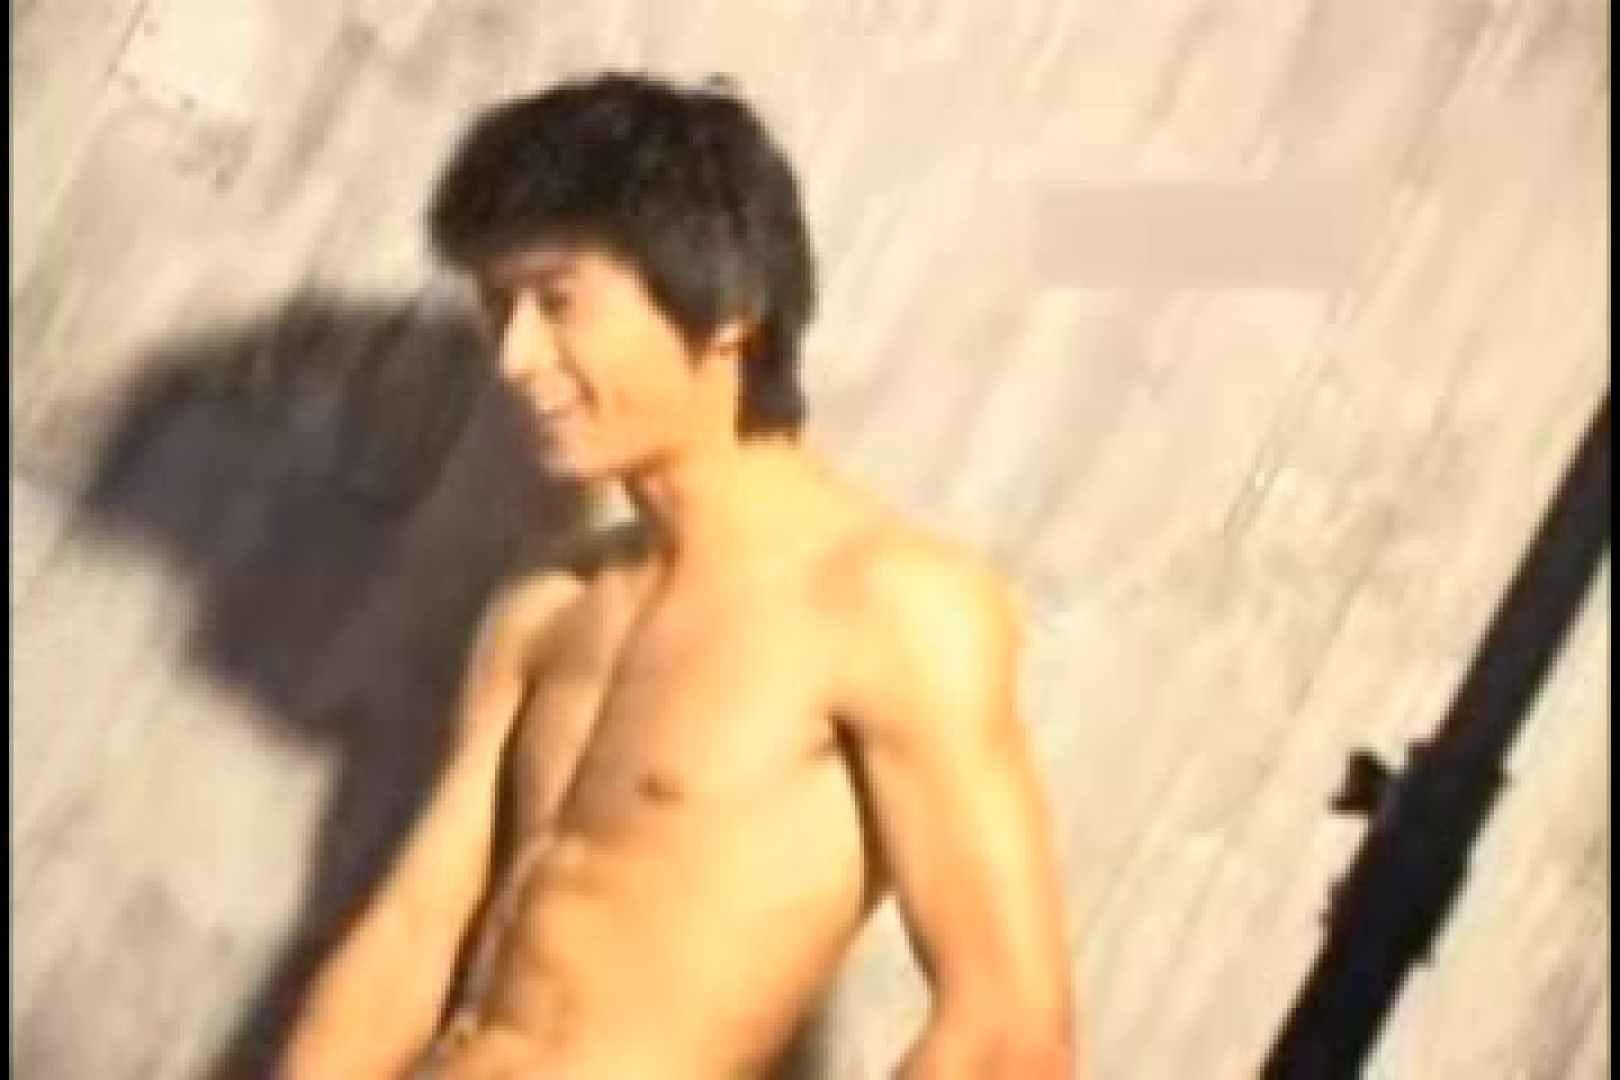 流出!!中出スーパーモデルya● jin hao 肉 ゲイ流出動画キャプチャ 74枚 21